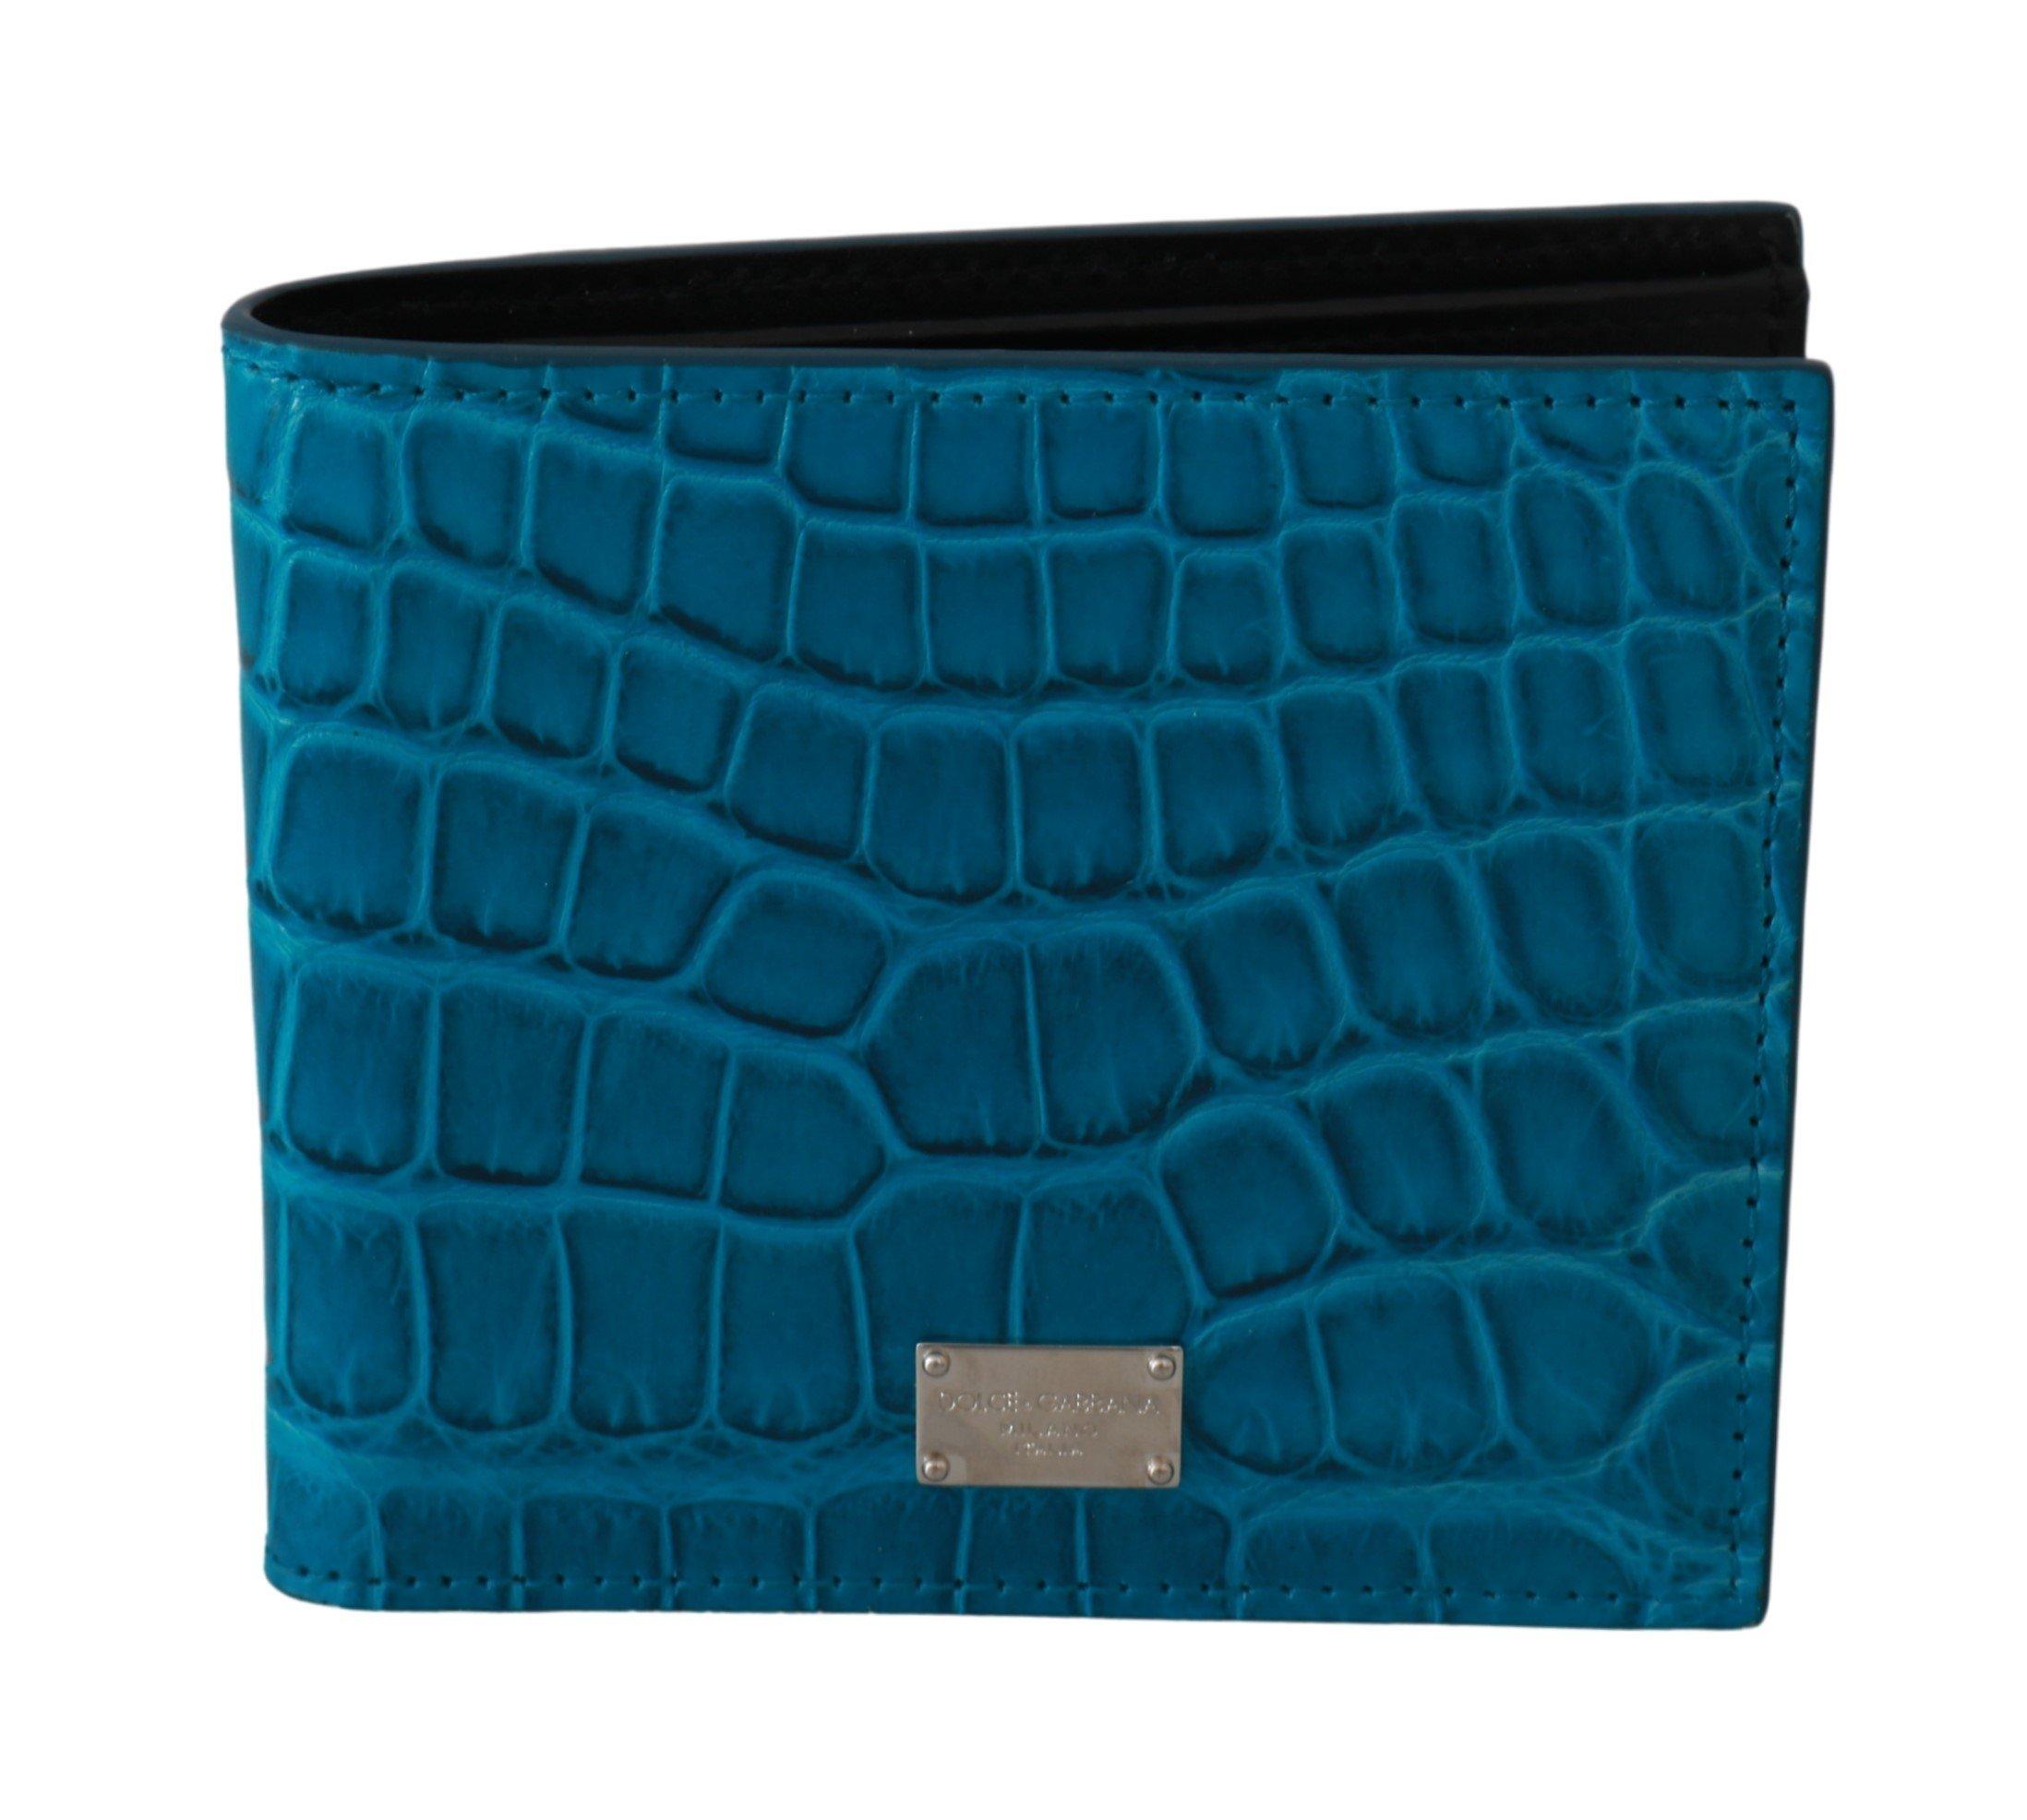 Dolce & Gabbana Men's Card Holder Bifold Skin Wallet Blue VAS9356